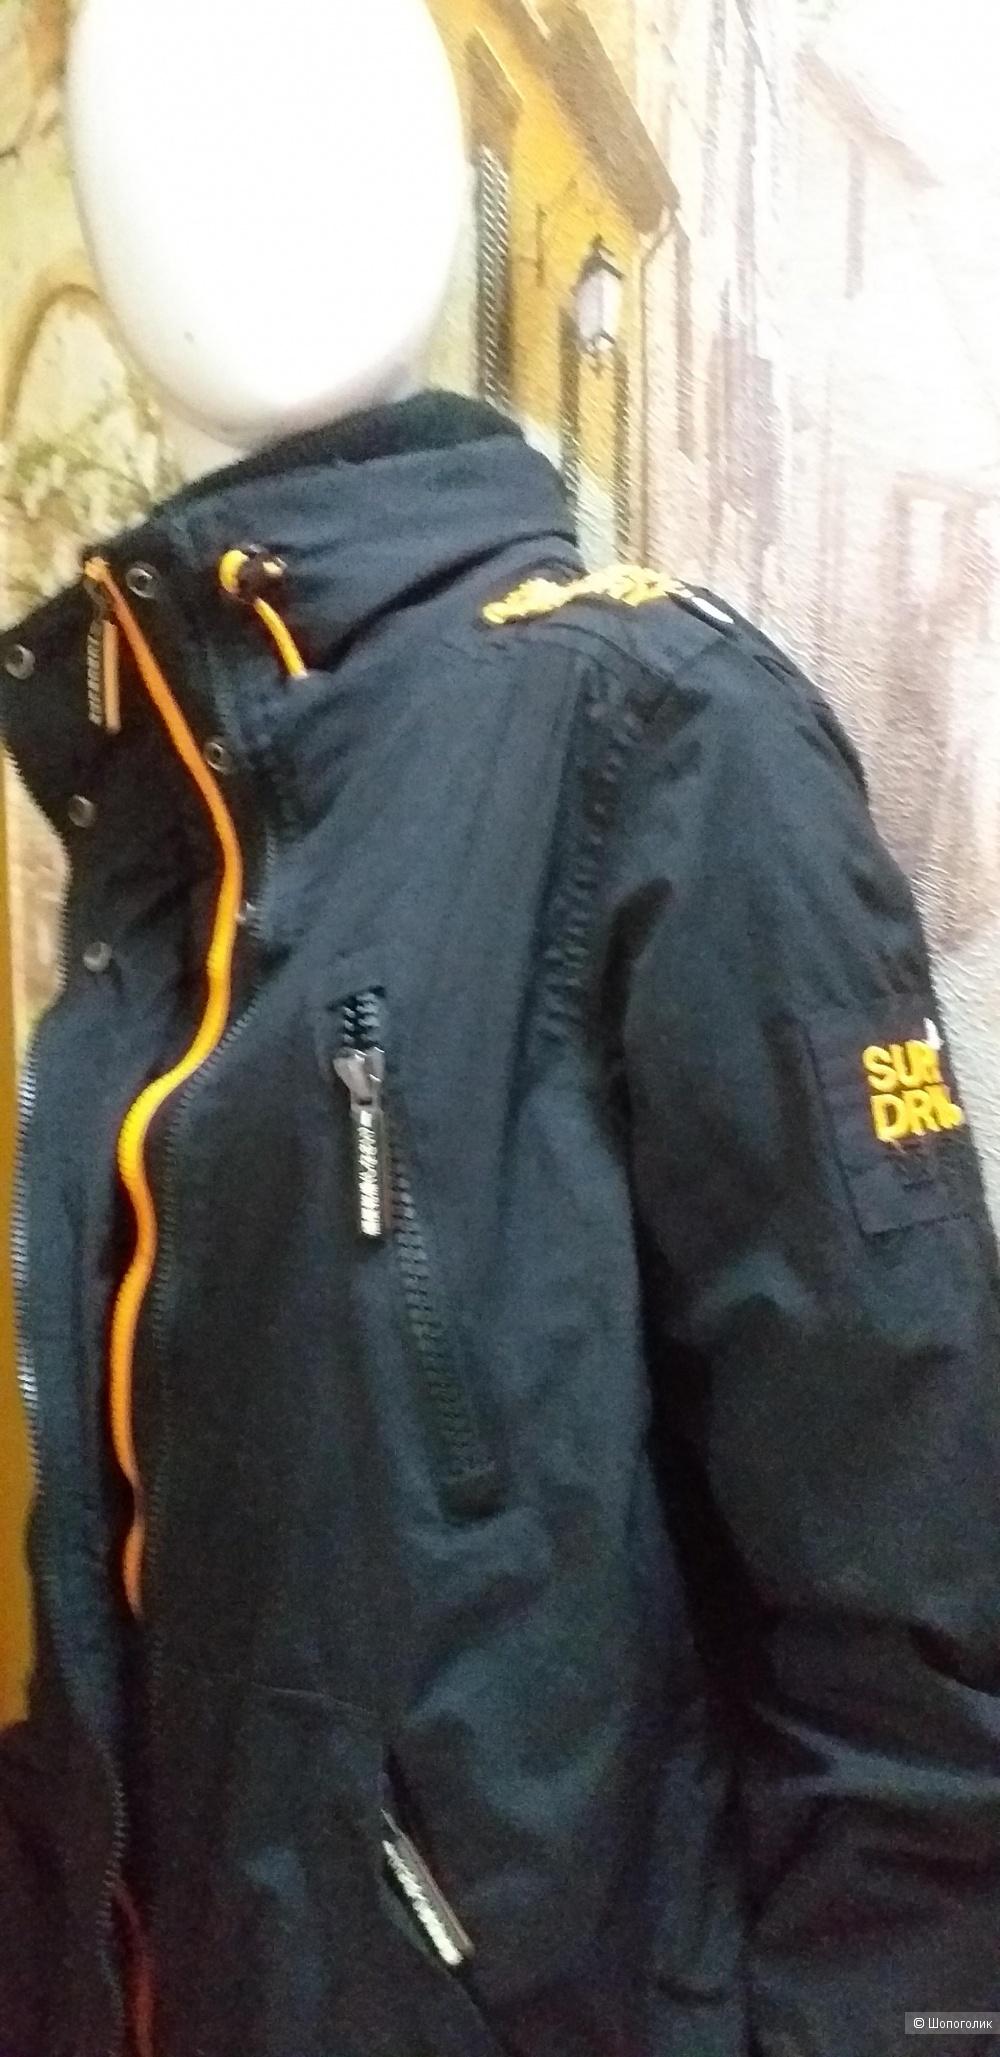 Куртка SuperDry, р. L